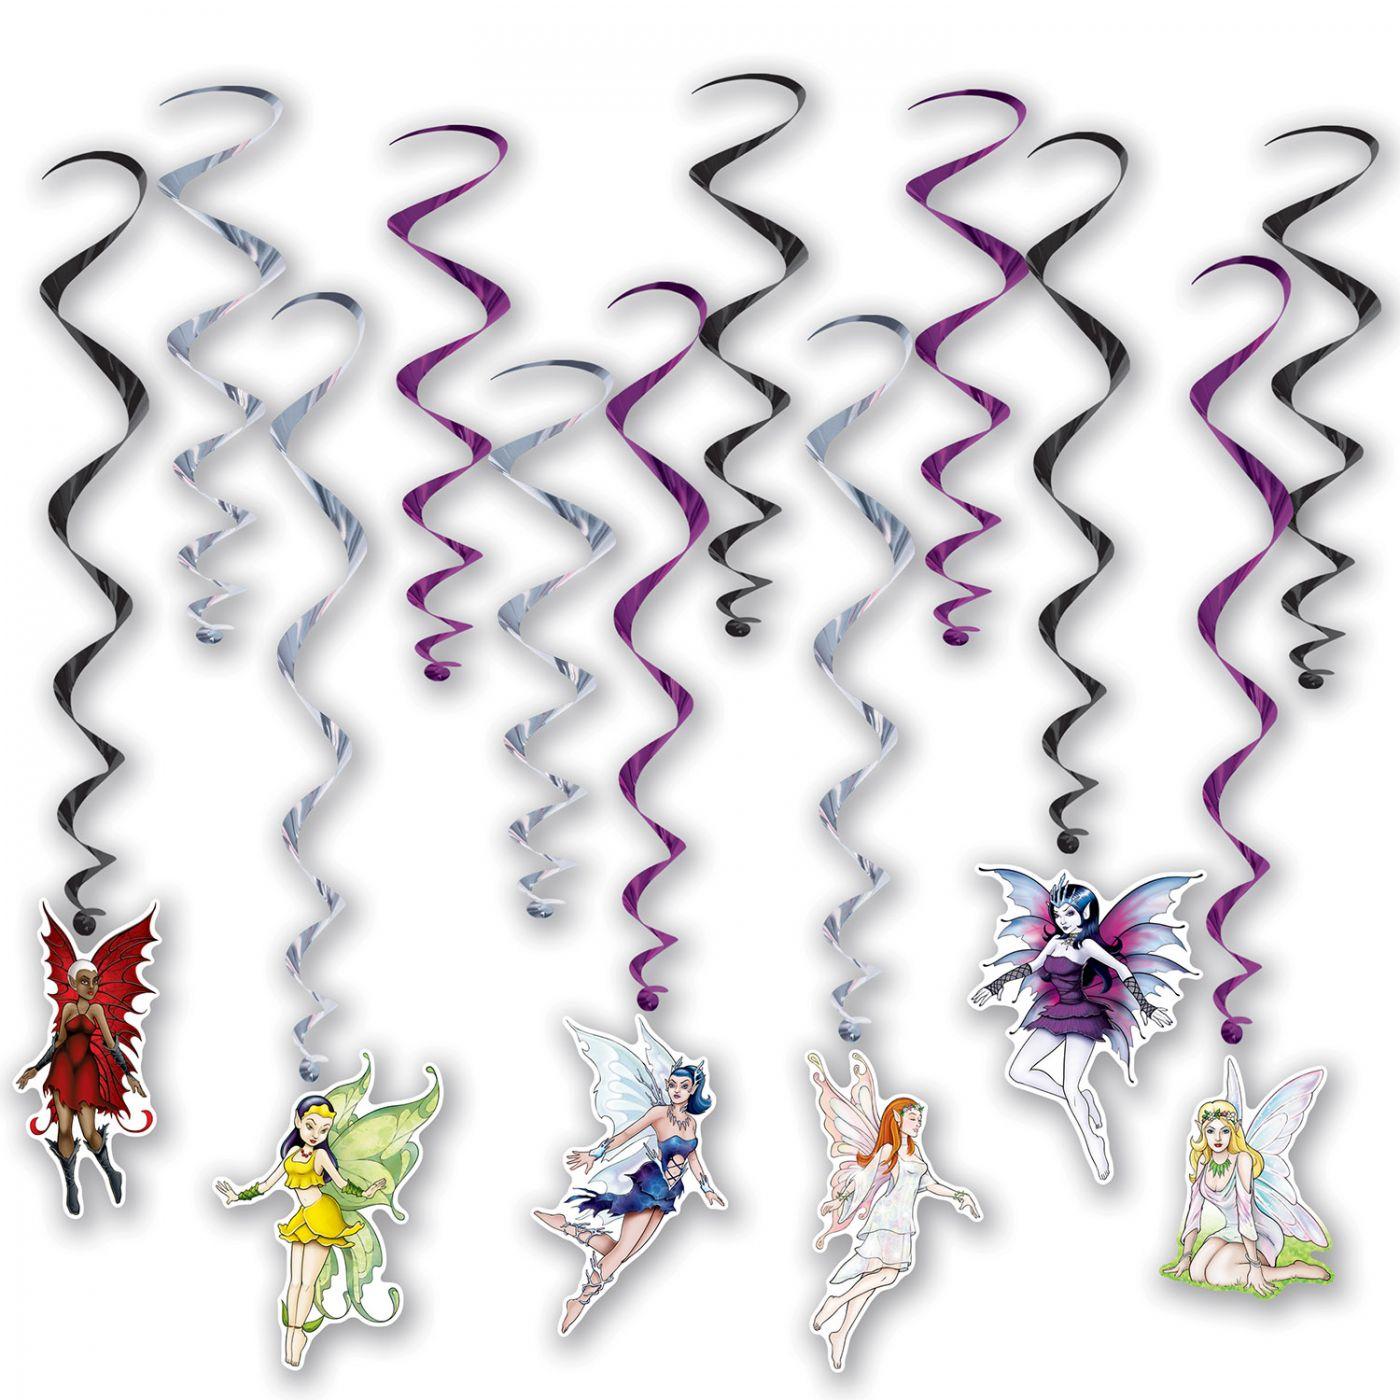 Fairy Whirls (6) image